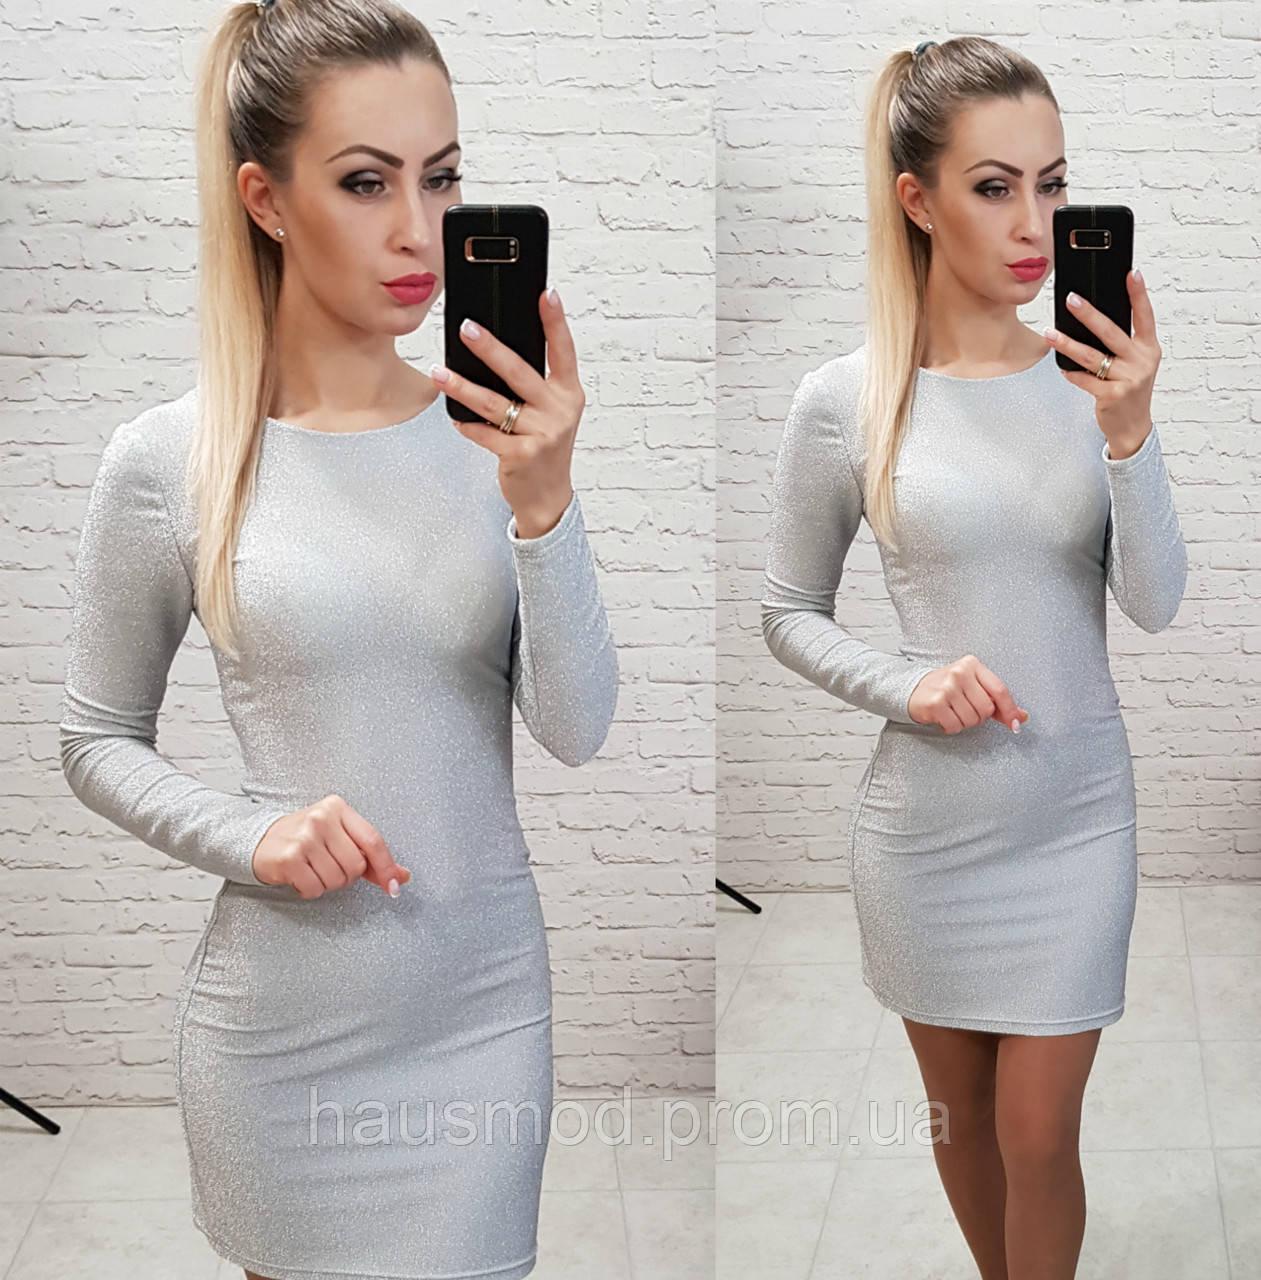 Женское платье люрекс длинный рукав пудра персик